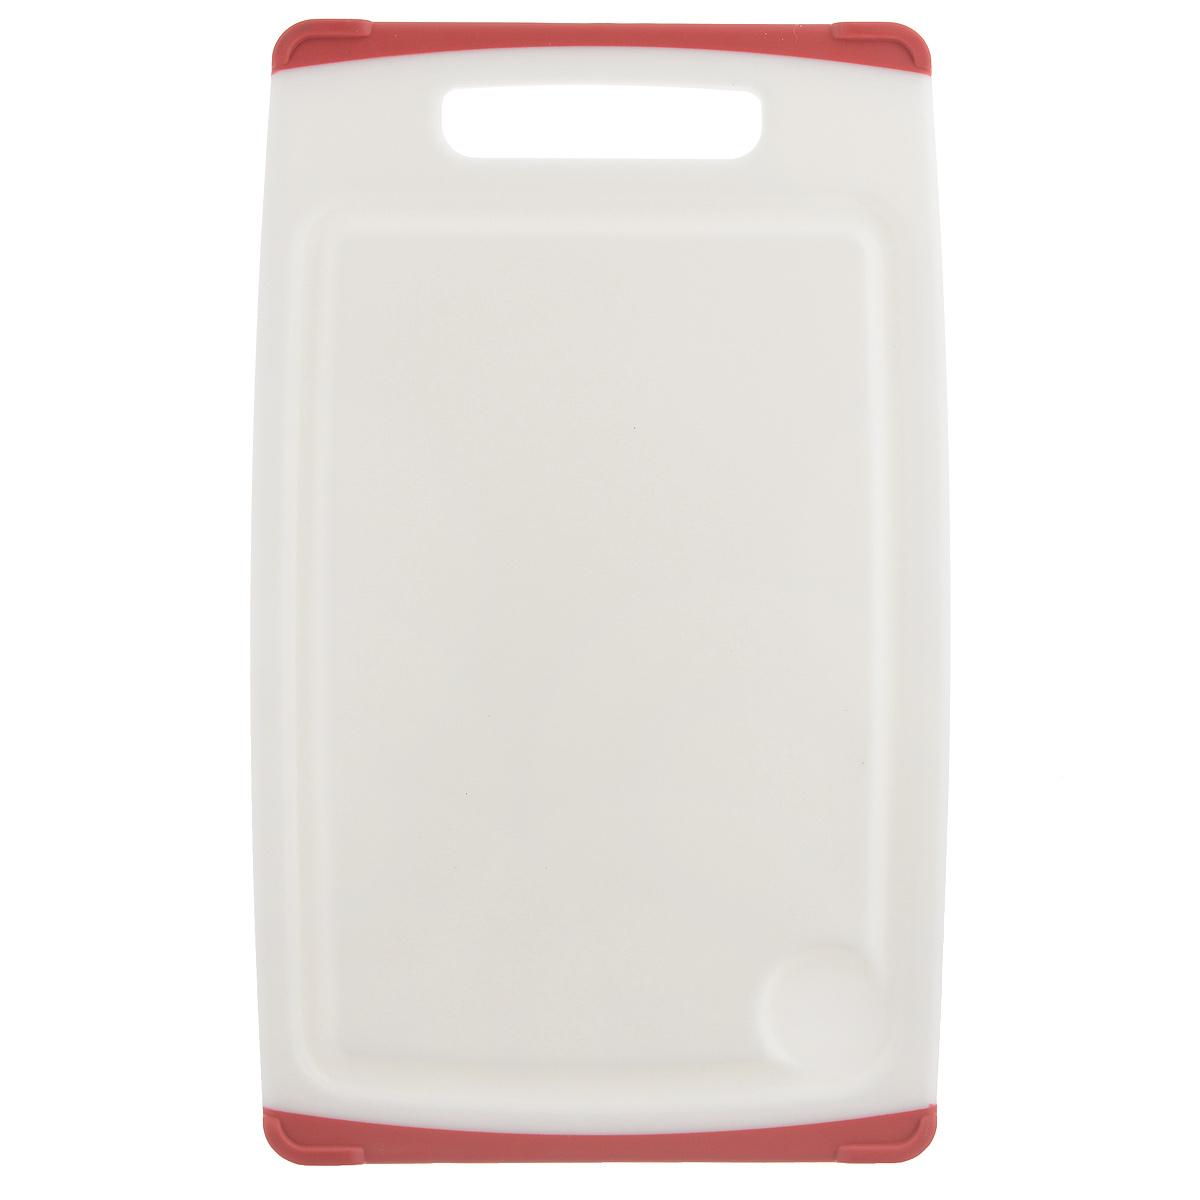 Доска разделочная Tescoma Cosmo, цвет: красный, 30 х 20 см379212Разделочная доска Tescoma Cosmo, изготовленная из высококачественного прочного пластика, станет незаменимым атрибутом приготовления пищи. Она идеально подходит для разделки мяса, рыбы, приготовления теста и нарезки любых продуктов. А особый дизайн краев с желобком способствует задерживанию жидкостей и остатков продуктов. Изделие оснащено прорезиненными цветными вставками с двух сторон для предотвращения скольжения по столу. Доска предназначена для ежедневного интенсивного использования. Не затупляет лезвия. Современный стильный дизайн и функциональность разделочной доски Tescoma Cosmo, позволит занять ей достойное место на вашей кухне. Можно мыть в посудомоечной машине.